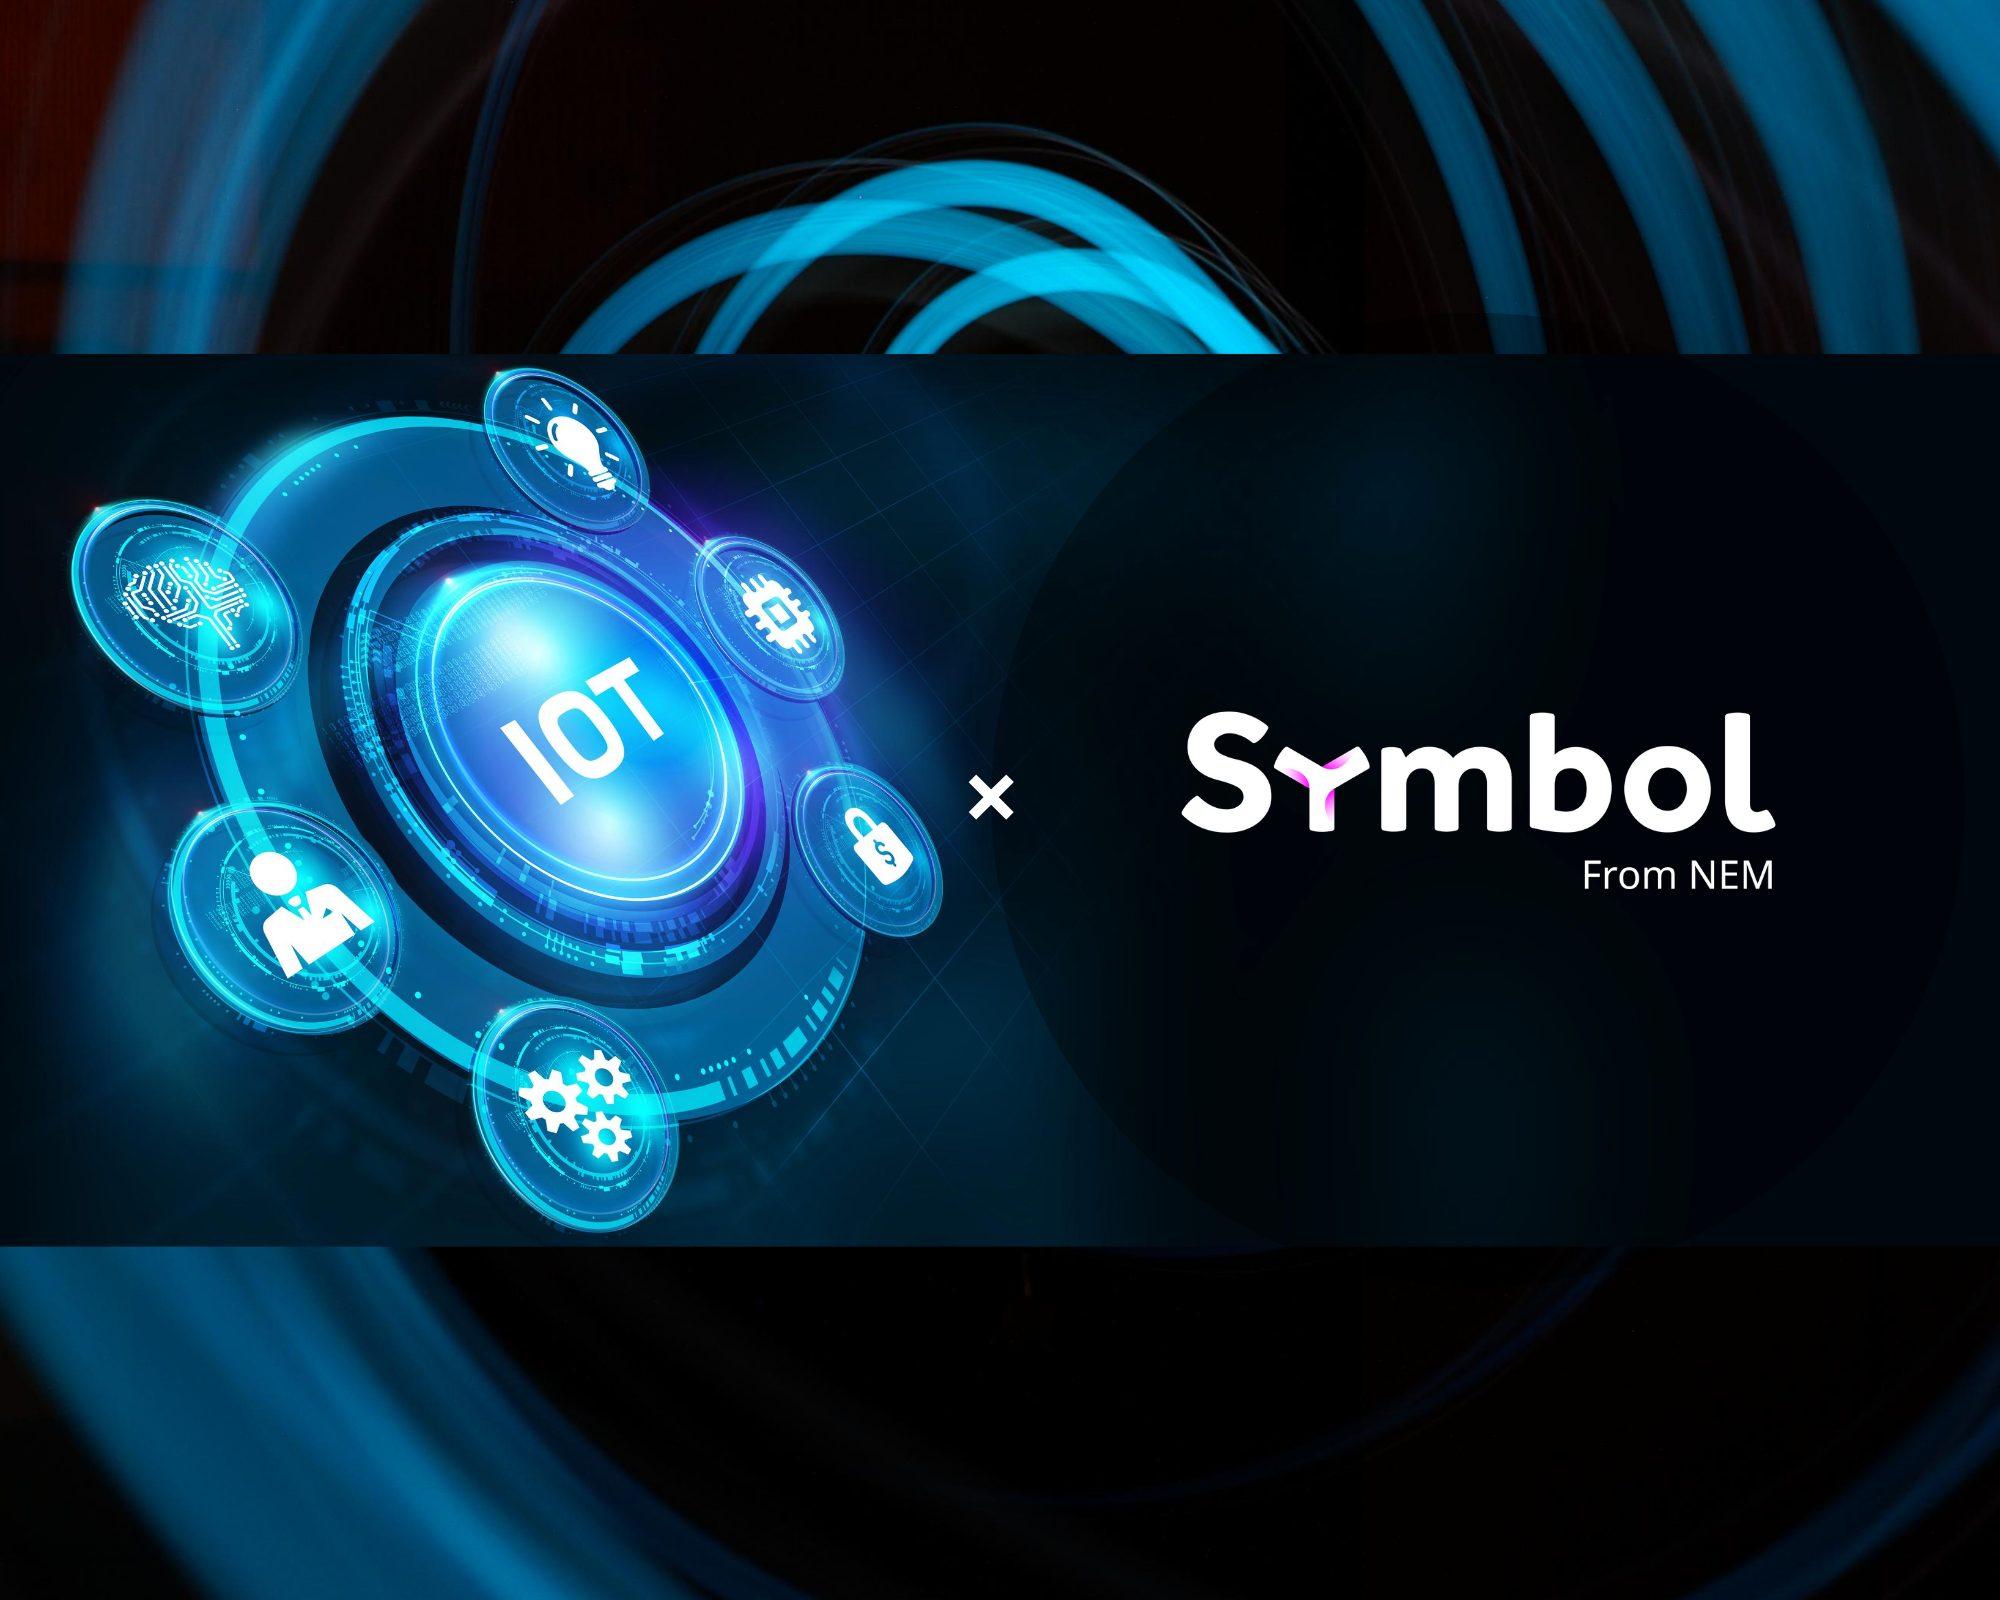 汎用ユースケース– IoT×Symbolで実現する世界